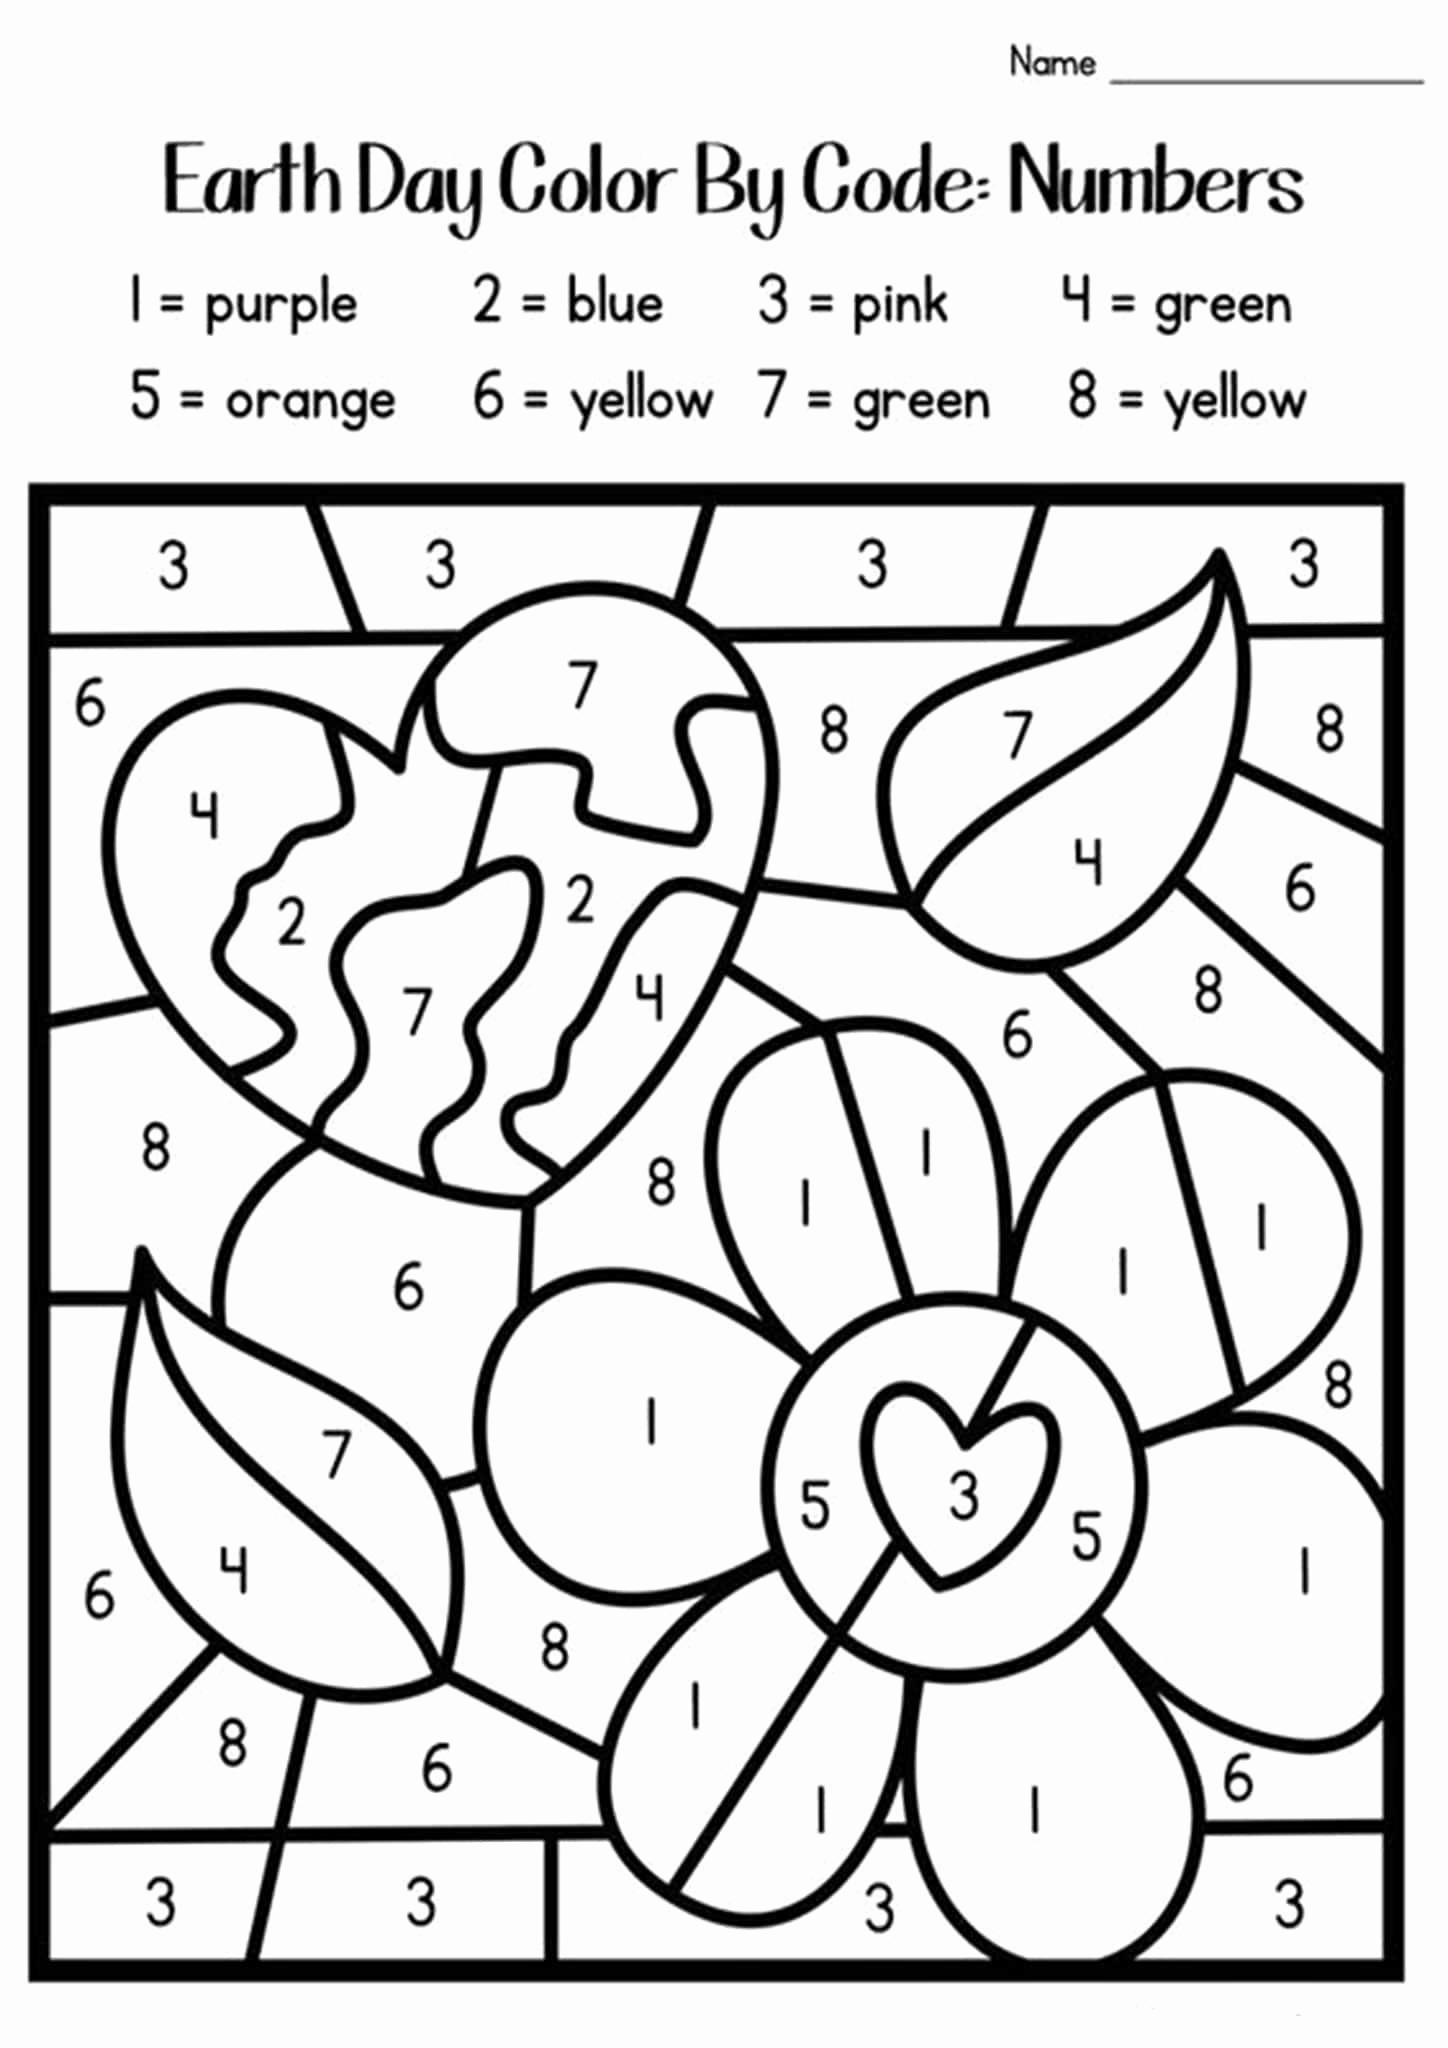 Color by Number Worksheets Kindergarten Best Of Free Printable Color by Number Worksheets for Kindergarten